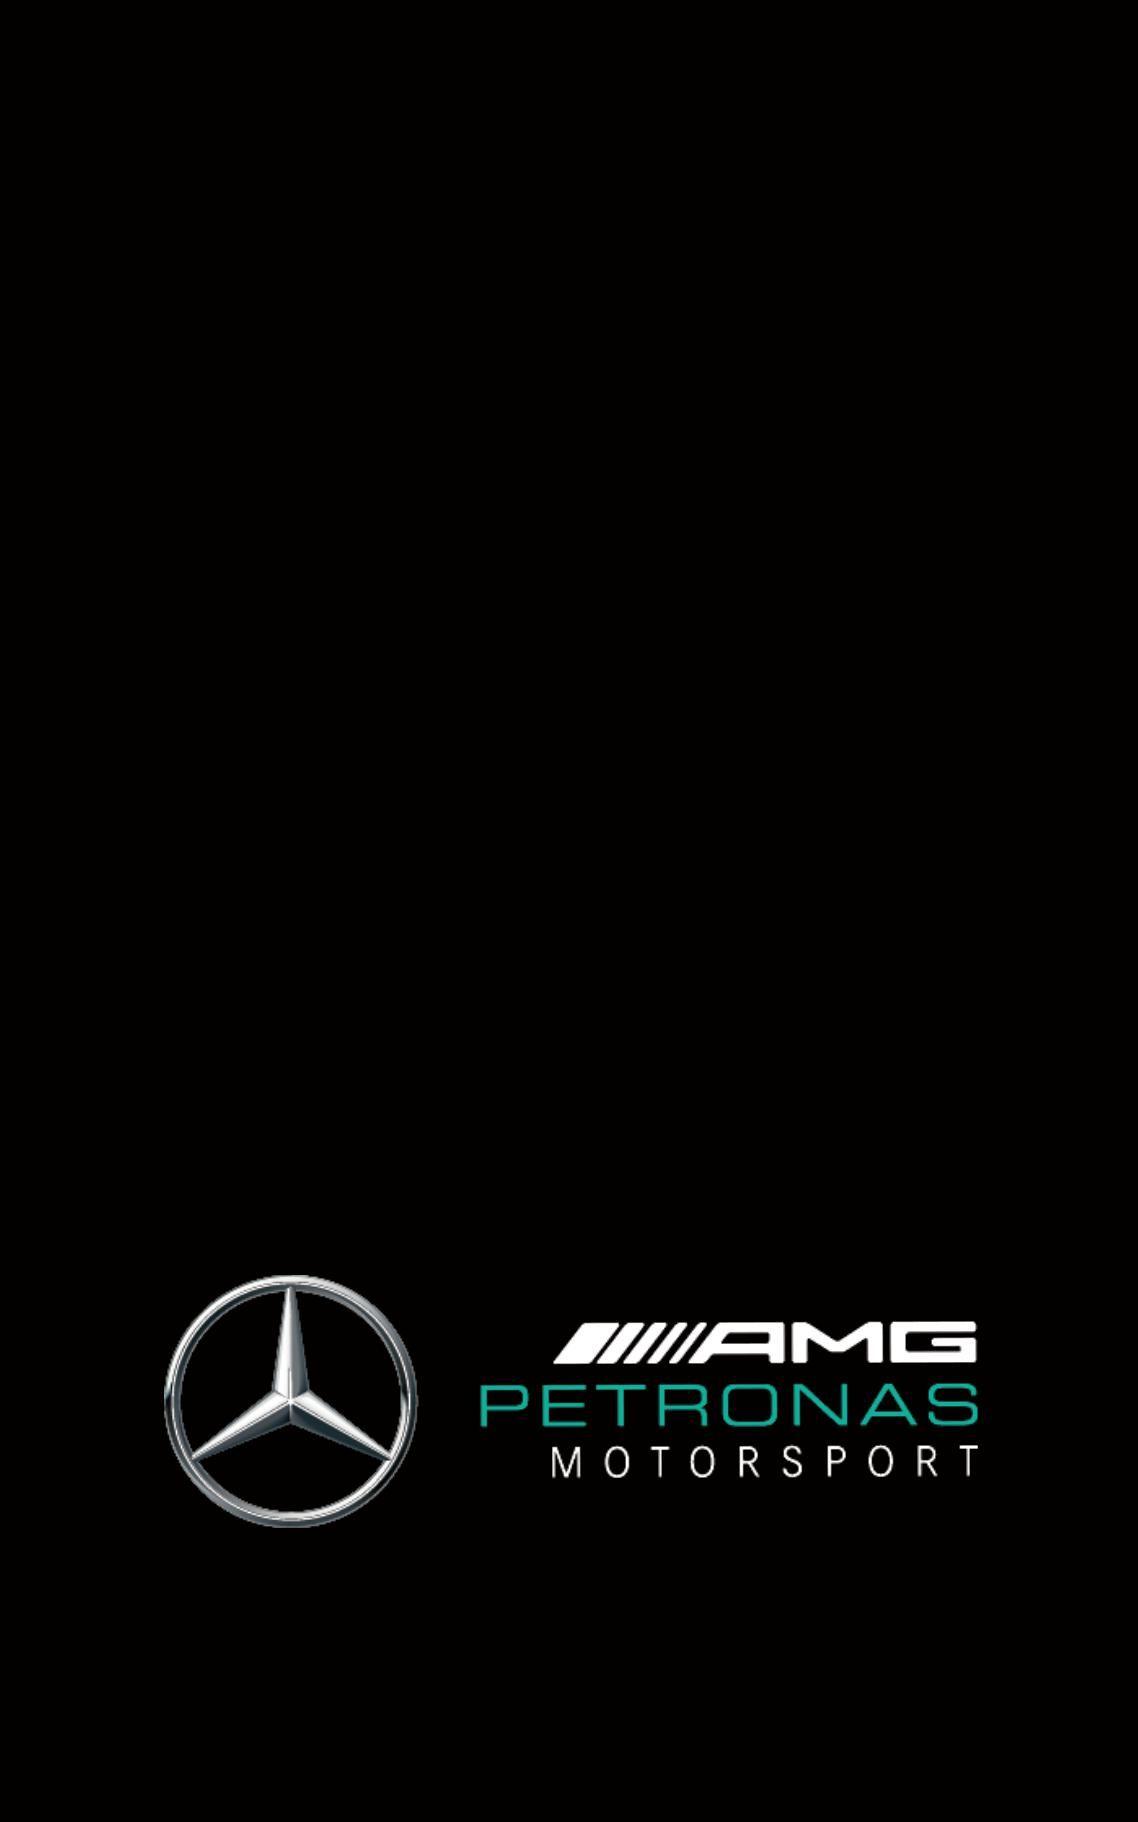 70 Best Formula 1 Images In 2020 Formula 1 Formula 1 Car Mercedes Wallpaper